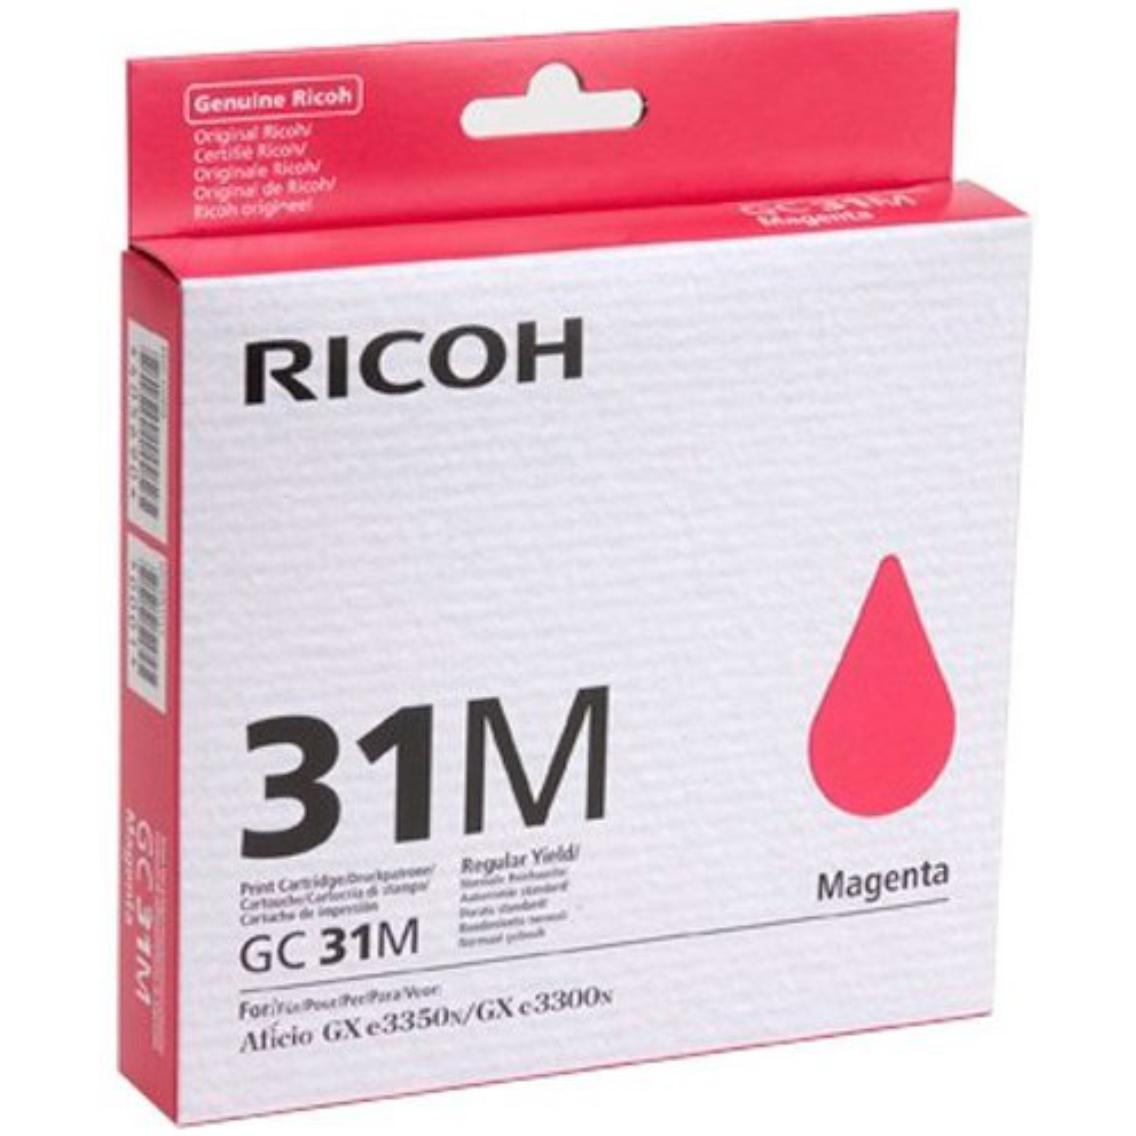 Original Ricoh GC31MH Magenta High Capacity Gel Ink Cartridge (405703)